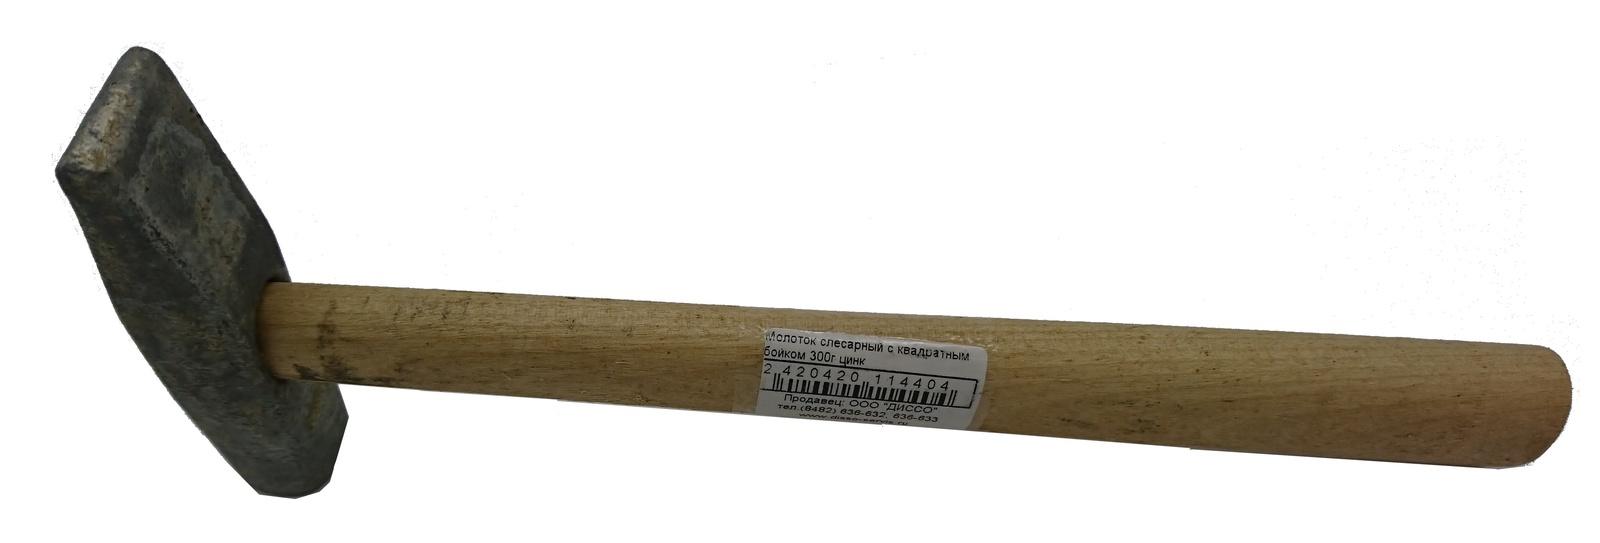 Молоток слесарный с квадратным бойком 300г цинк молоток немецкого типа santool с квадратным бойком и деревянной ручкой 600 гр 030811 060